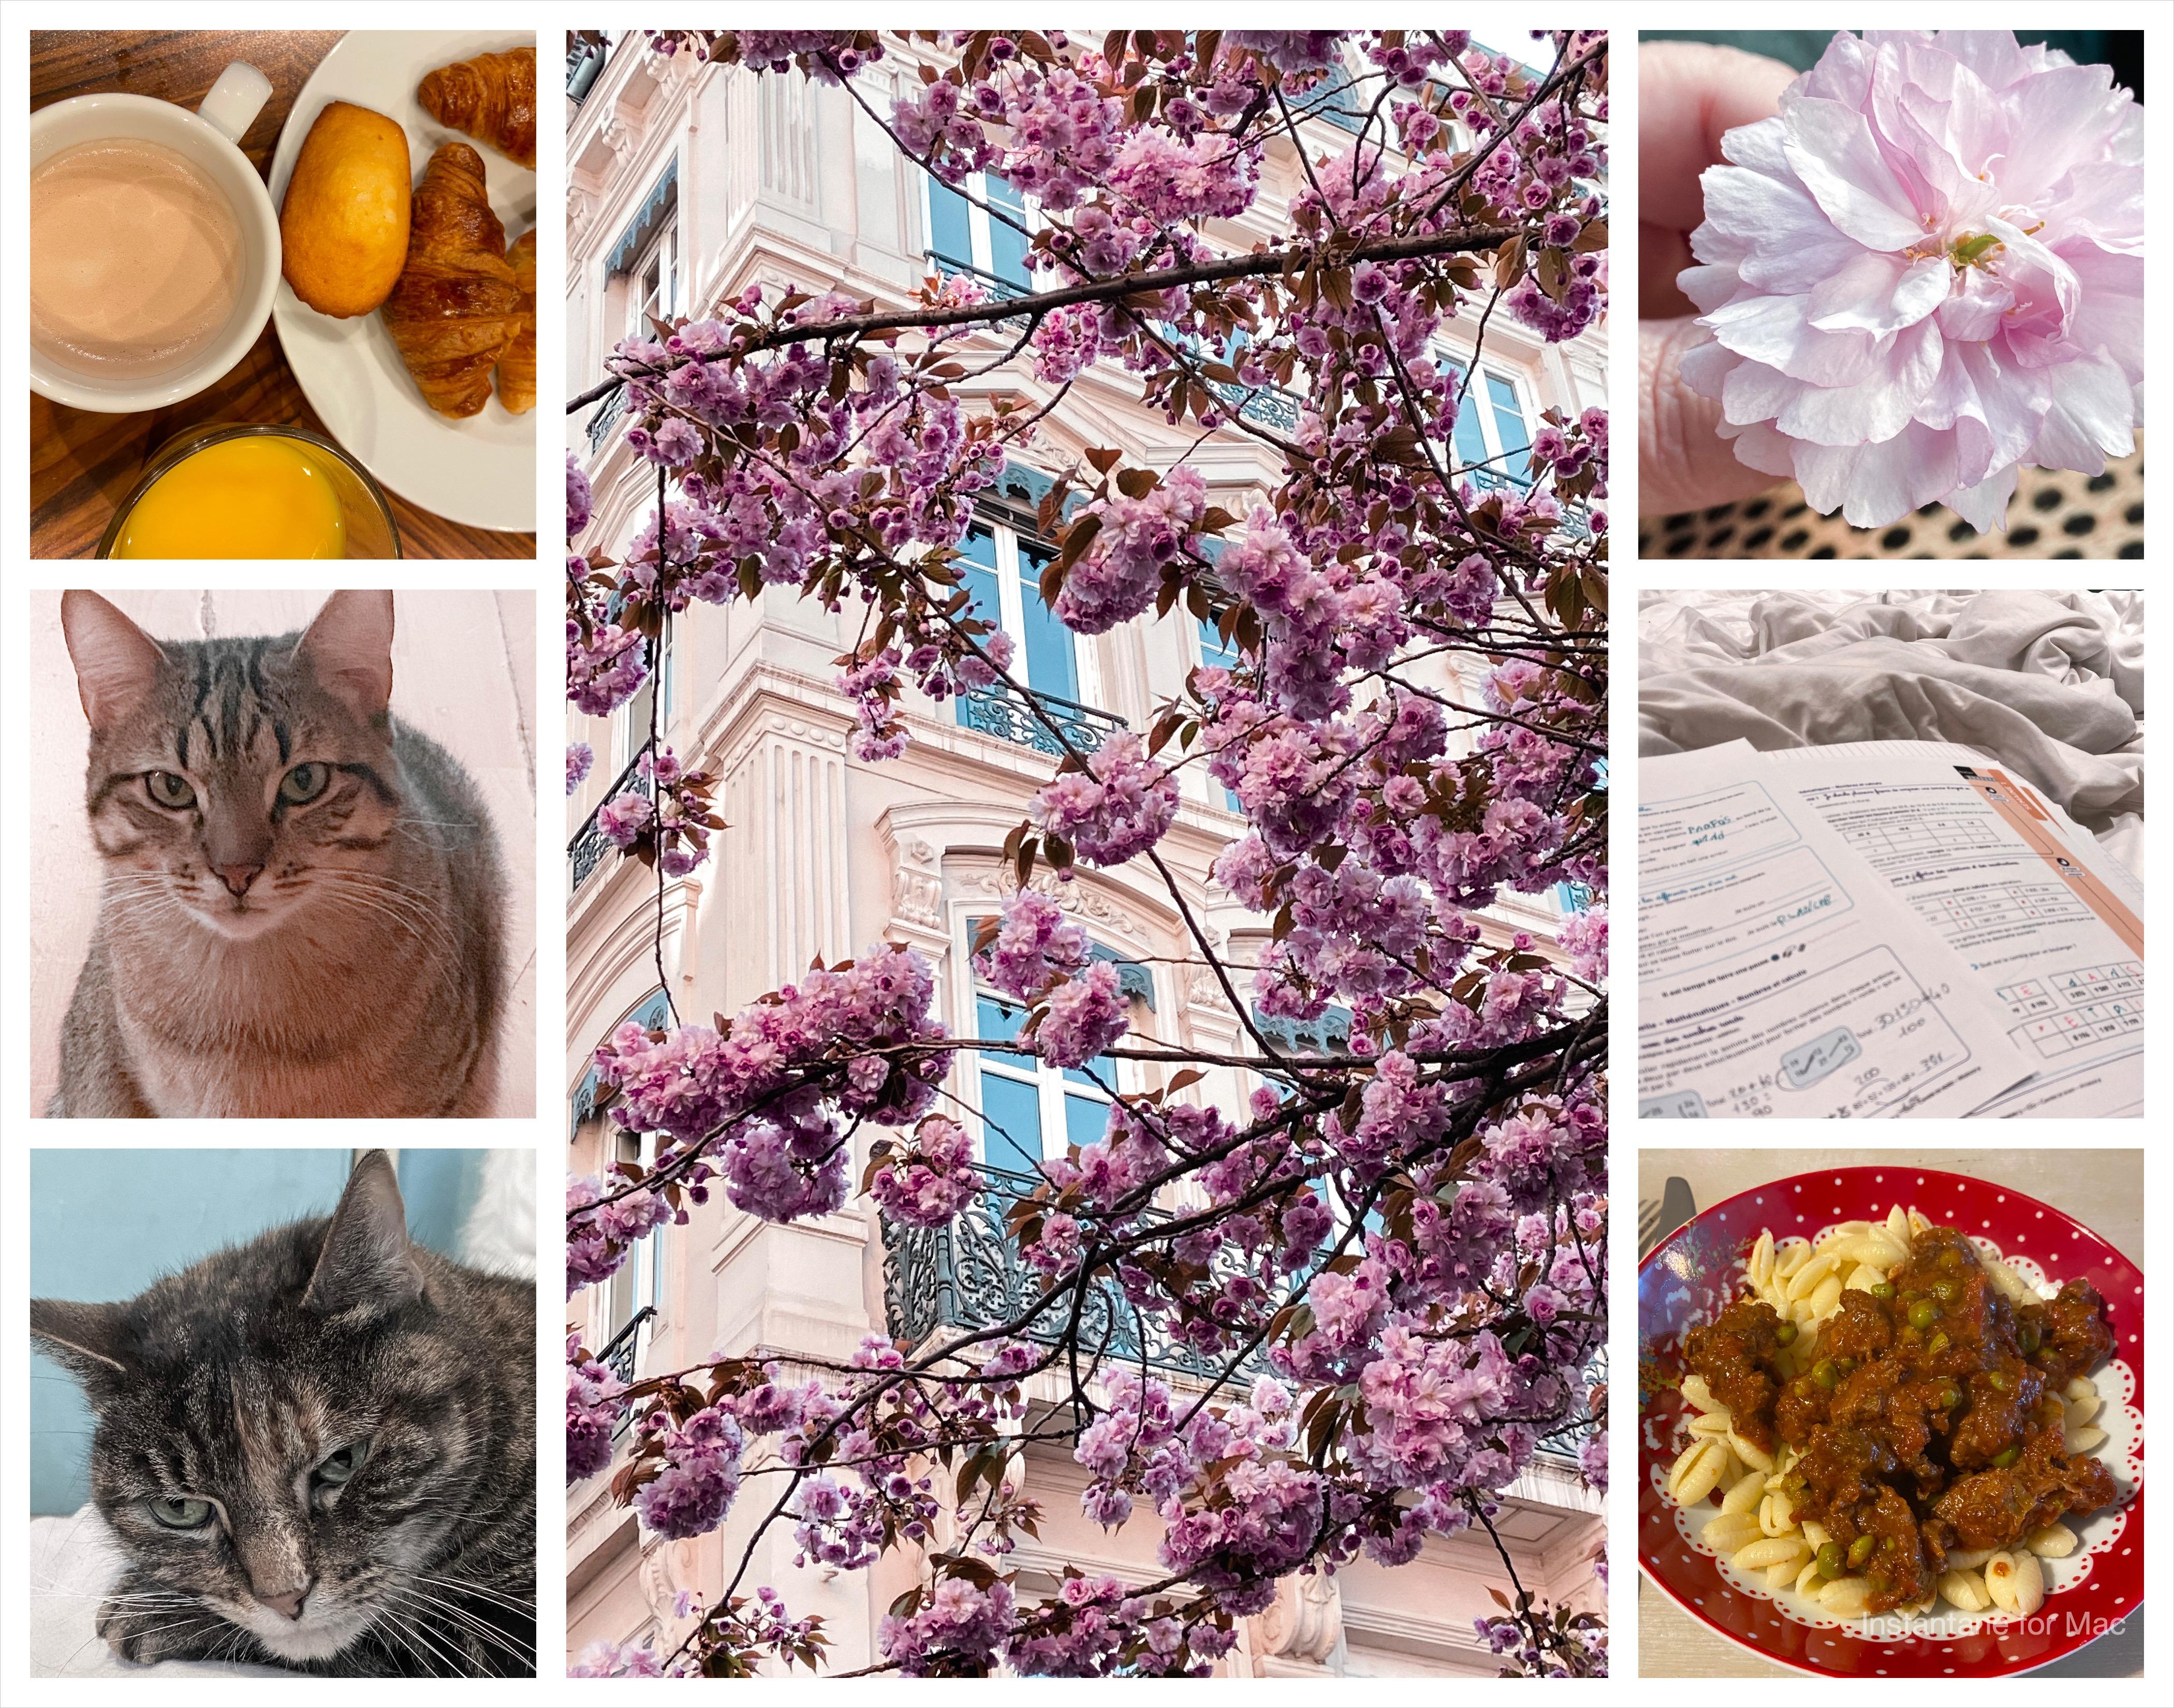 chat, fleur, arbre, boeuf, petit déjeuner, devoir